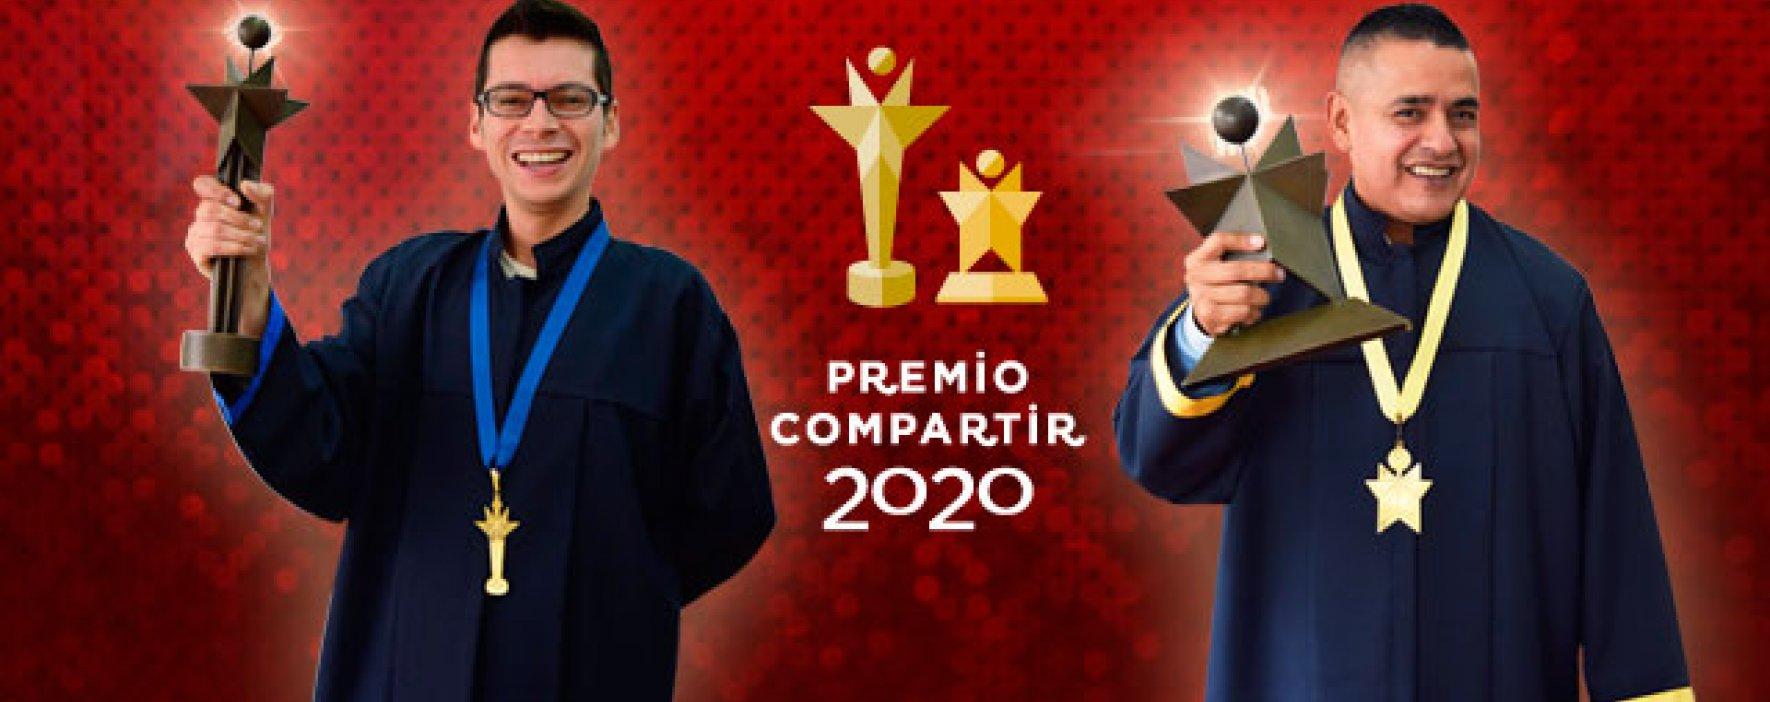 Se abre la convocatoria para el Premio Compartir 2020